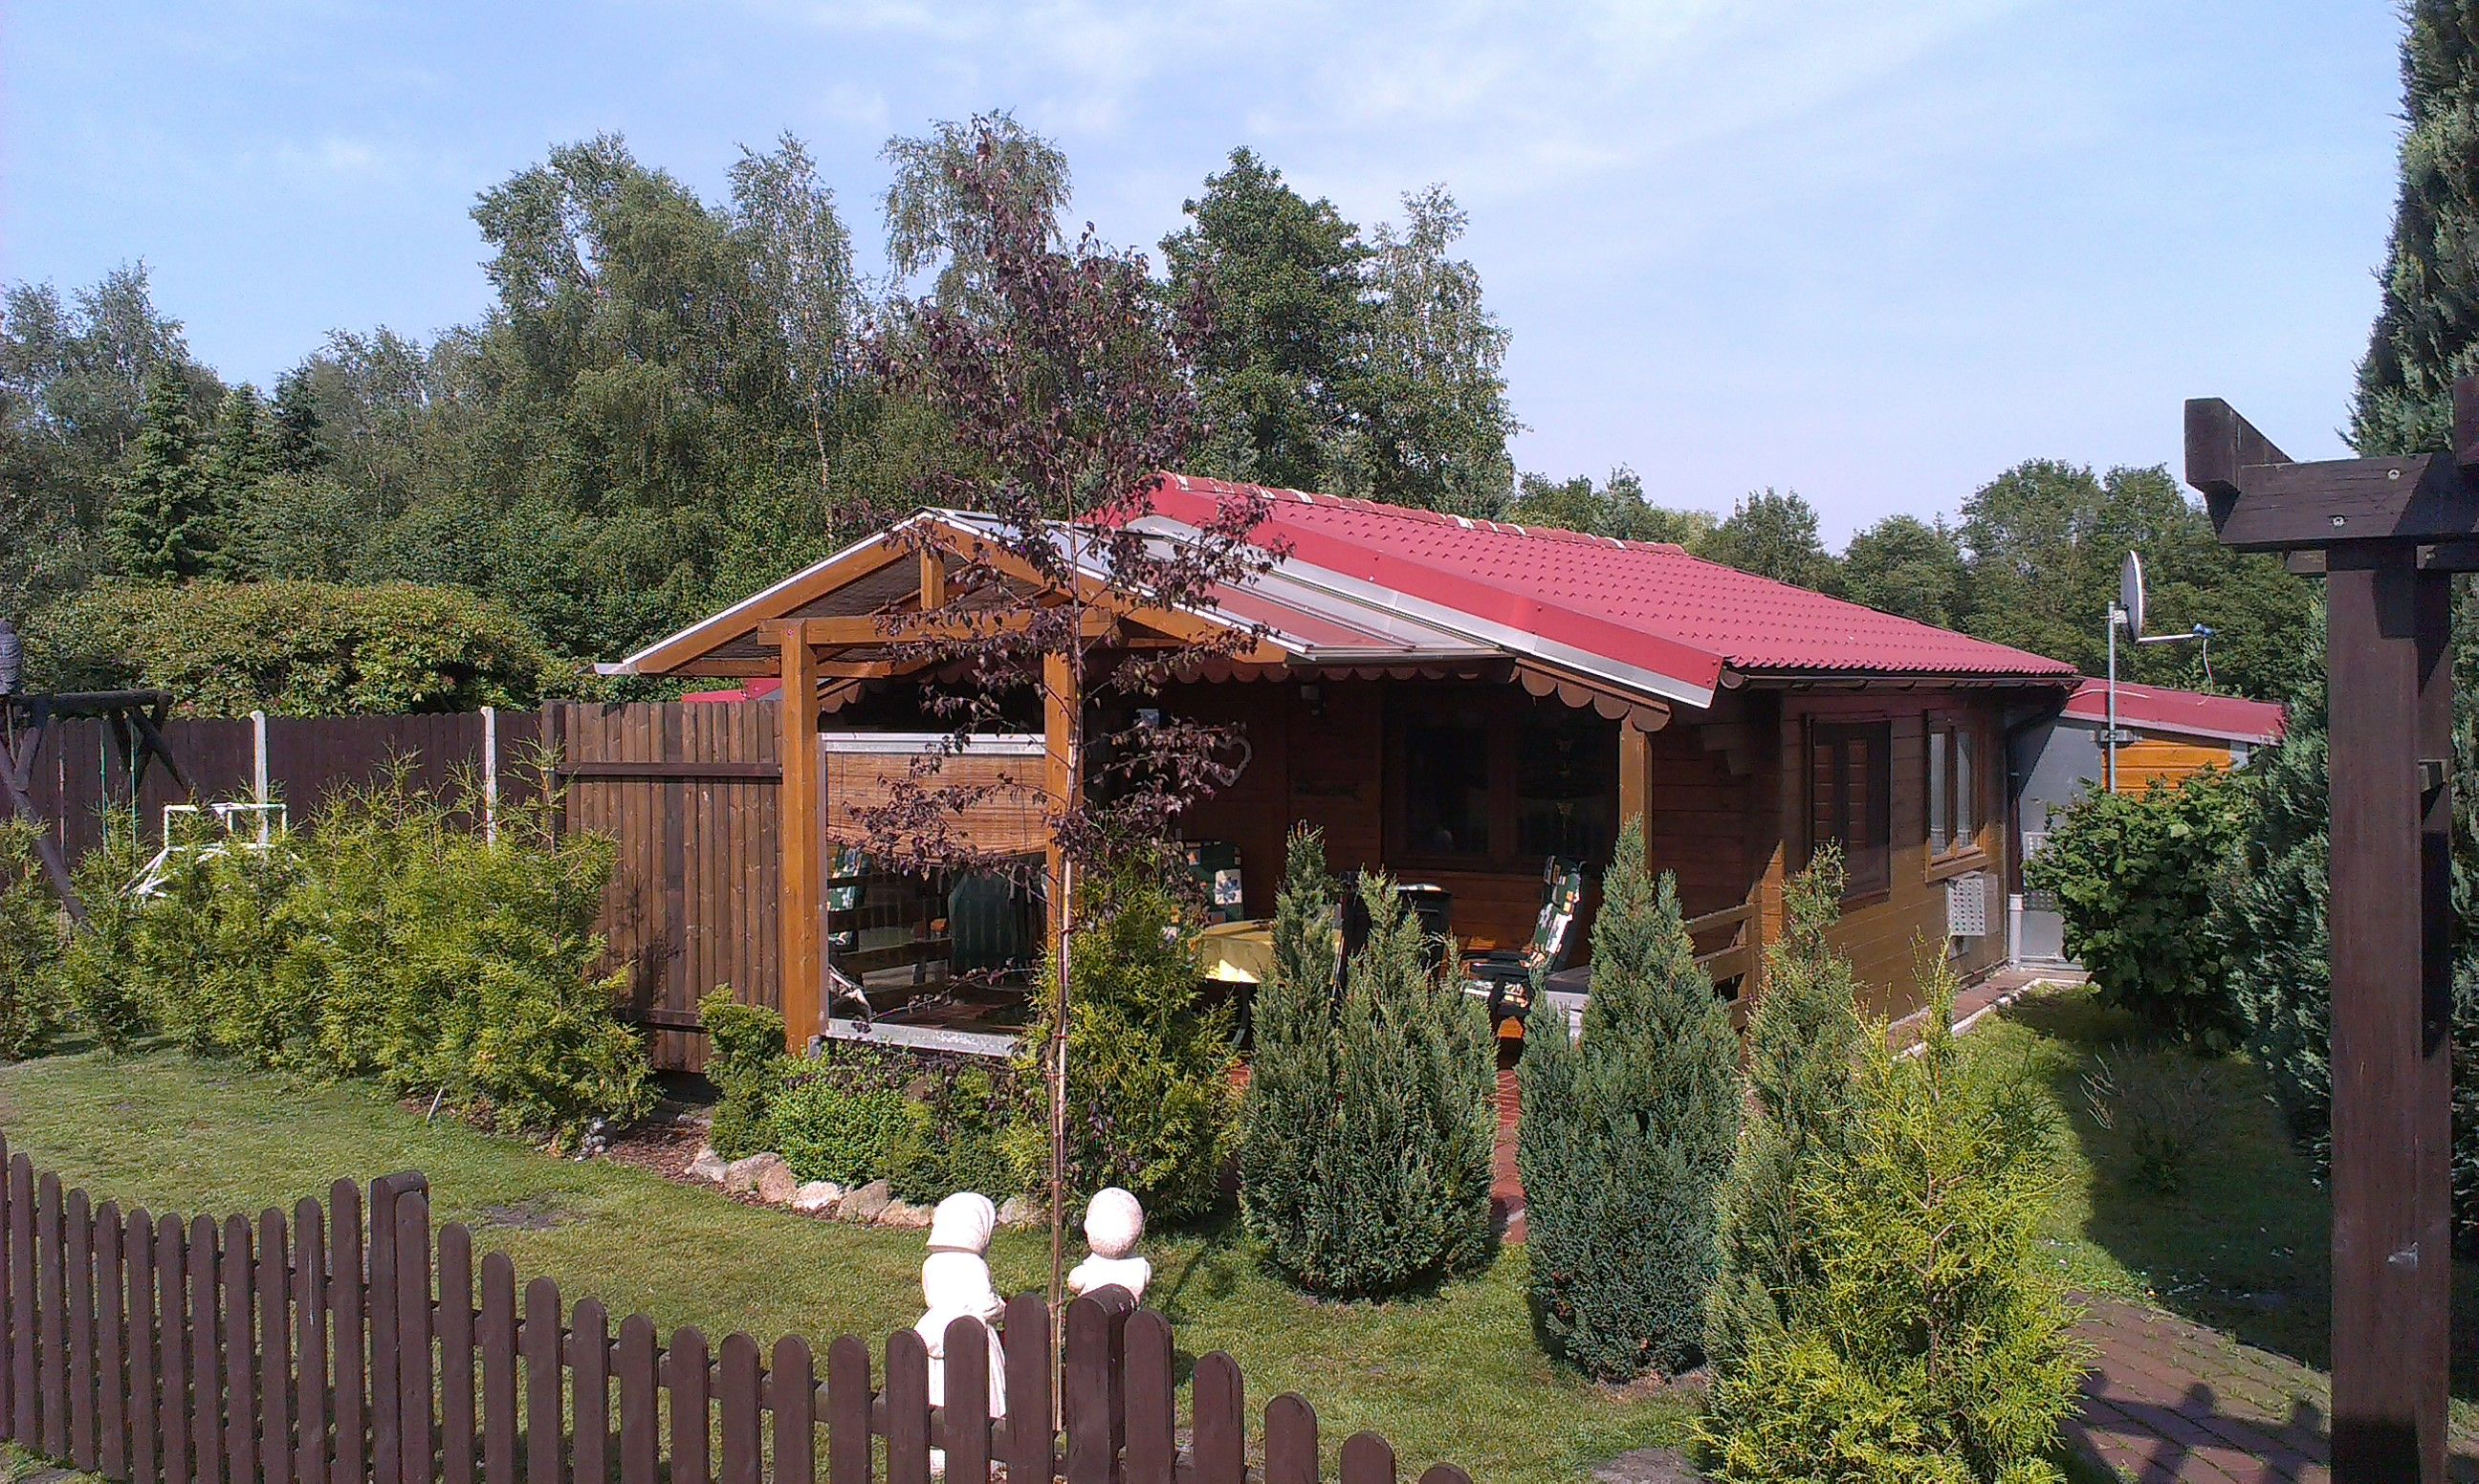 Ferienhaus Thon***, Ostfriesland, Rhauderfehn Buchen ohne